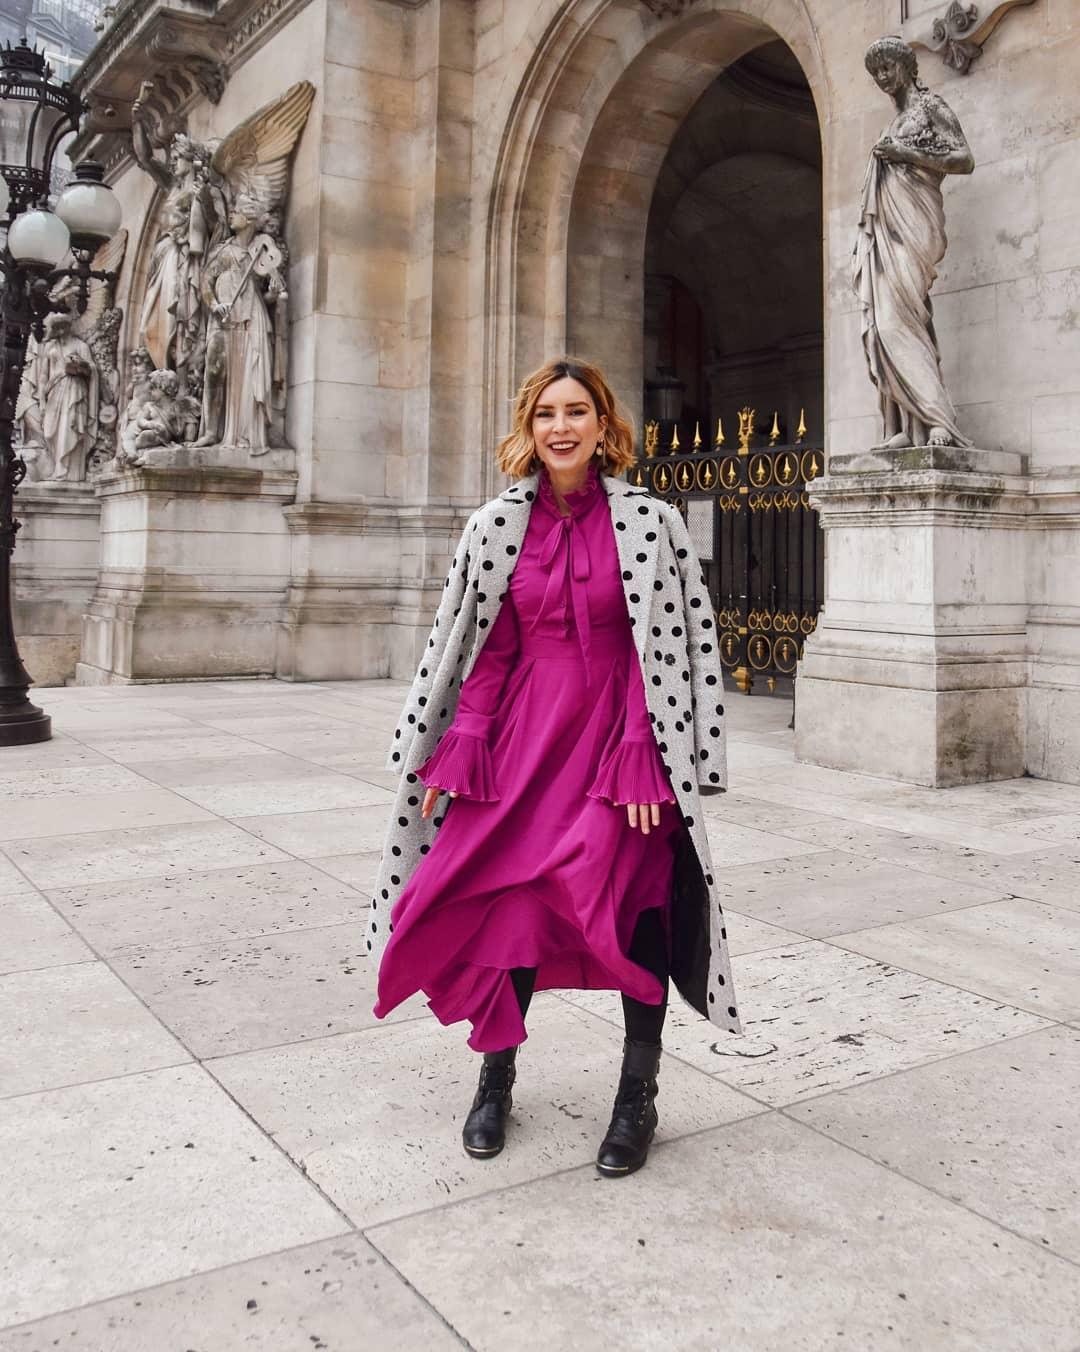 модные луки зимы 2020 для женщин 40-50 лет фото 12